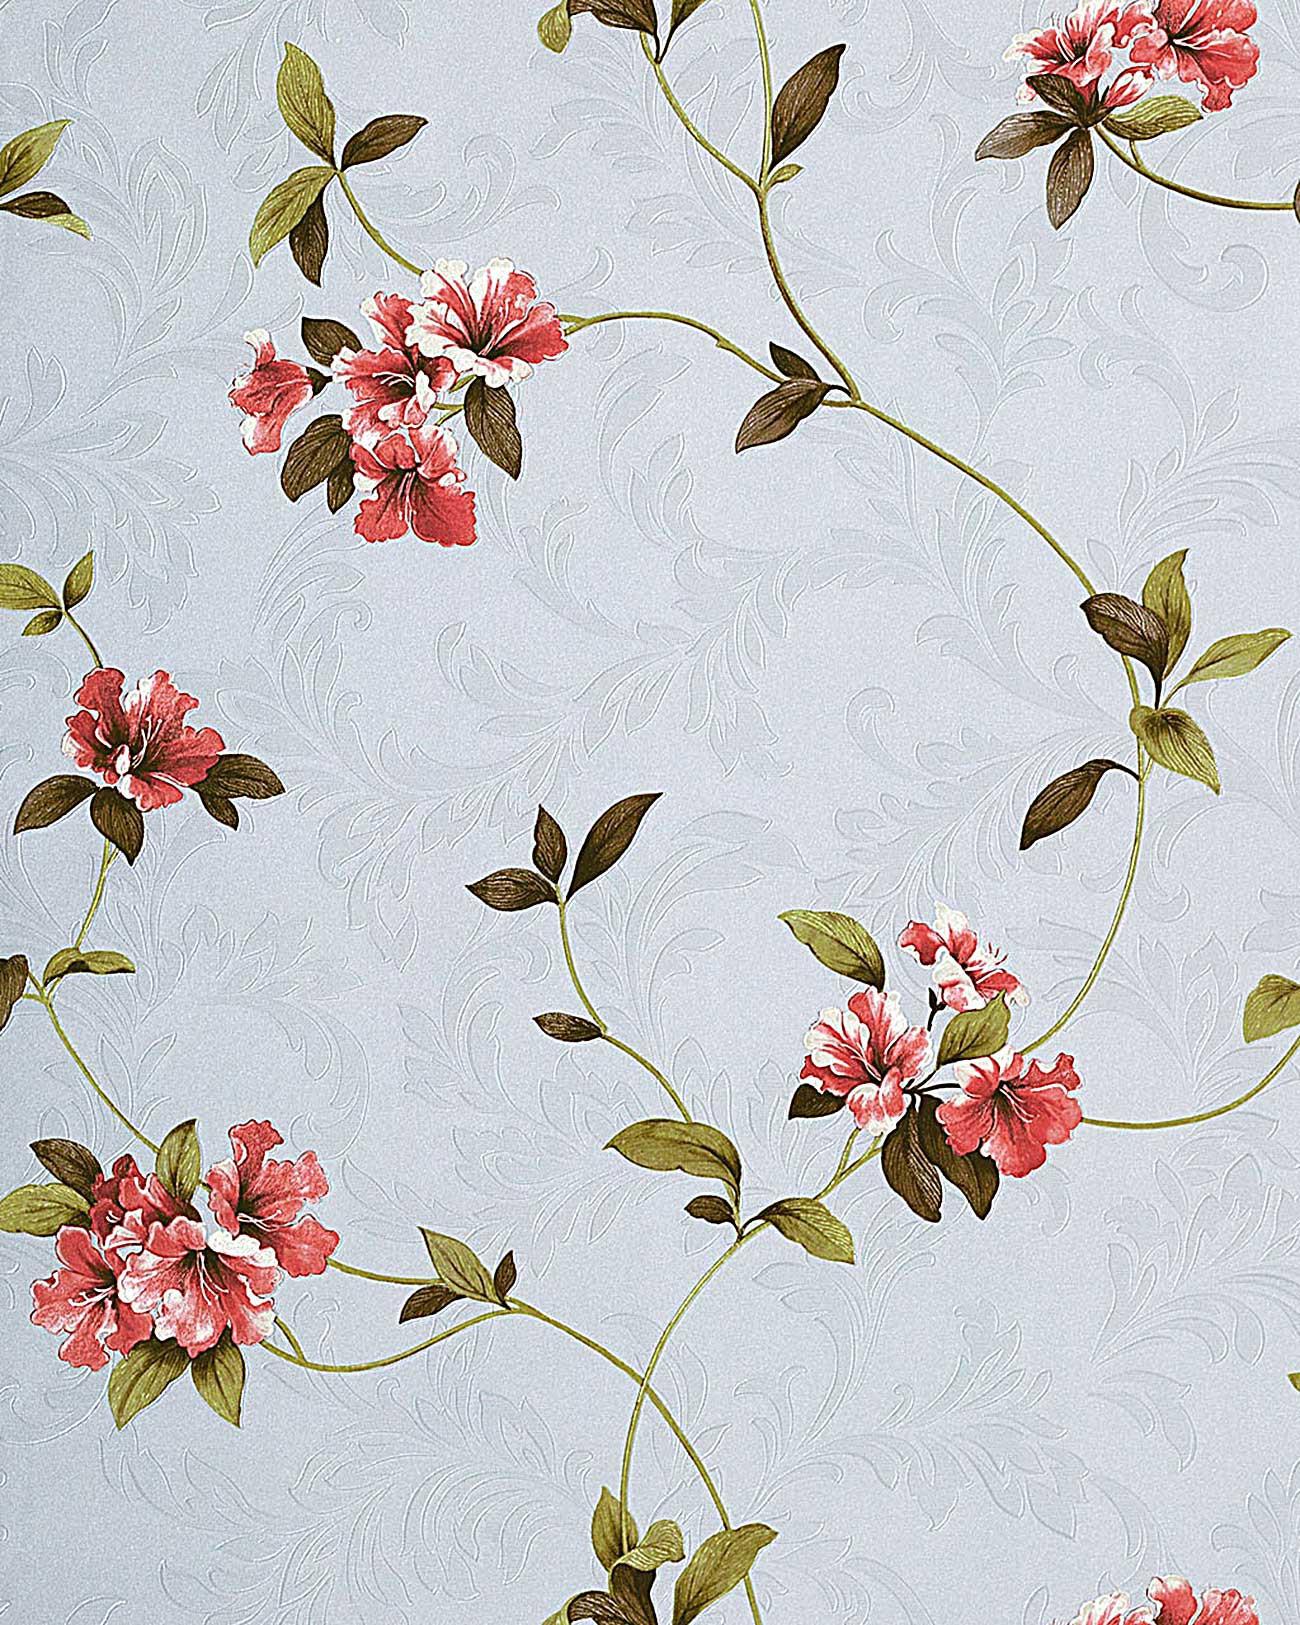 wohnzimmer hell lila: Blumen Tapete Floral hochwertige Prägequalität hell-lila rot grün